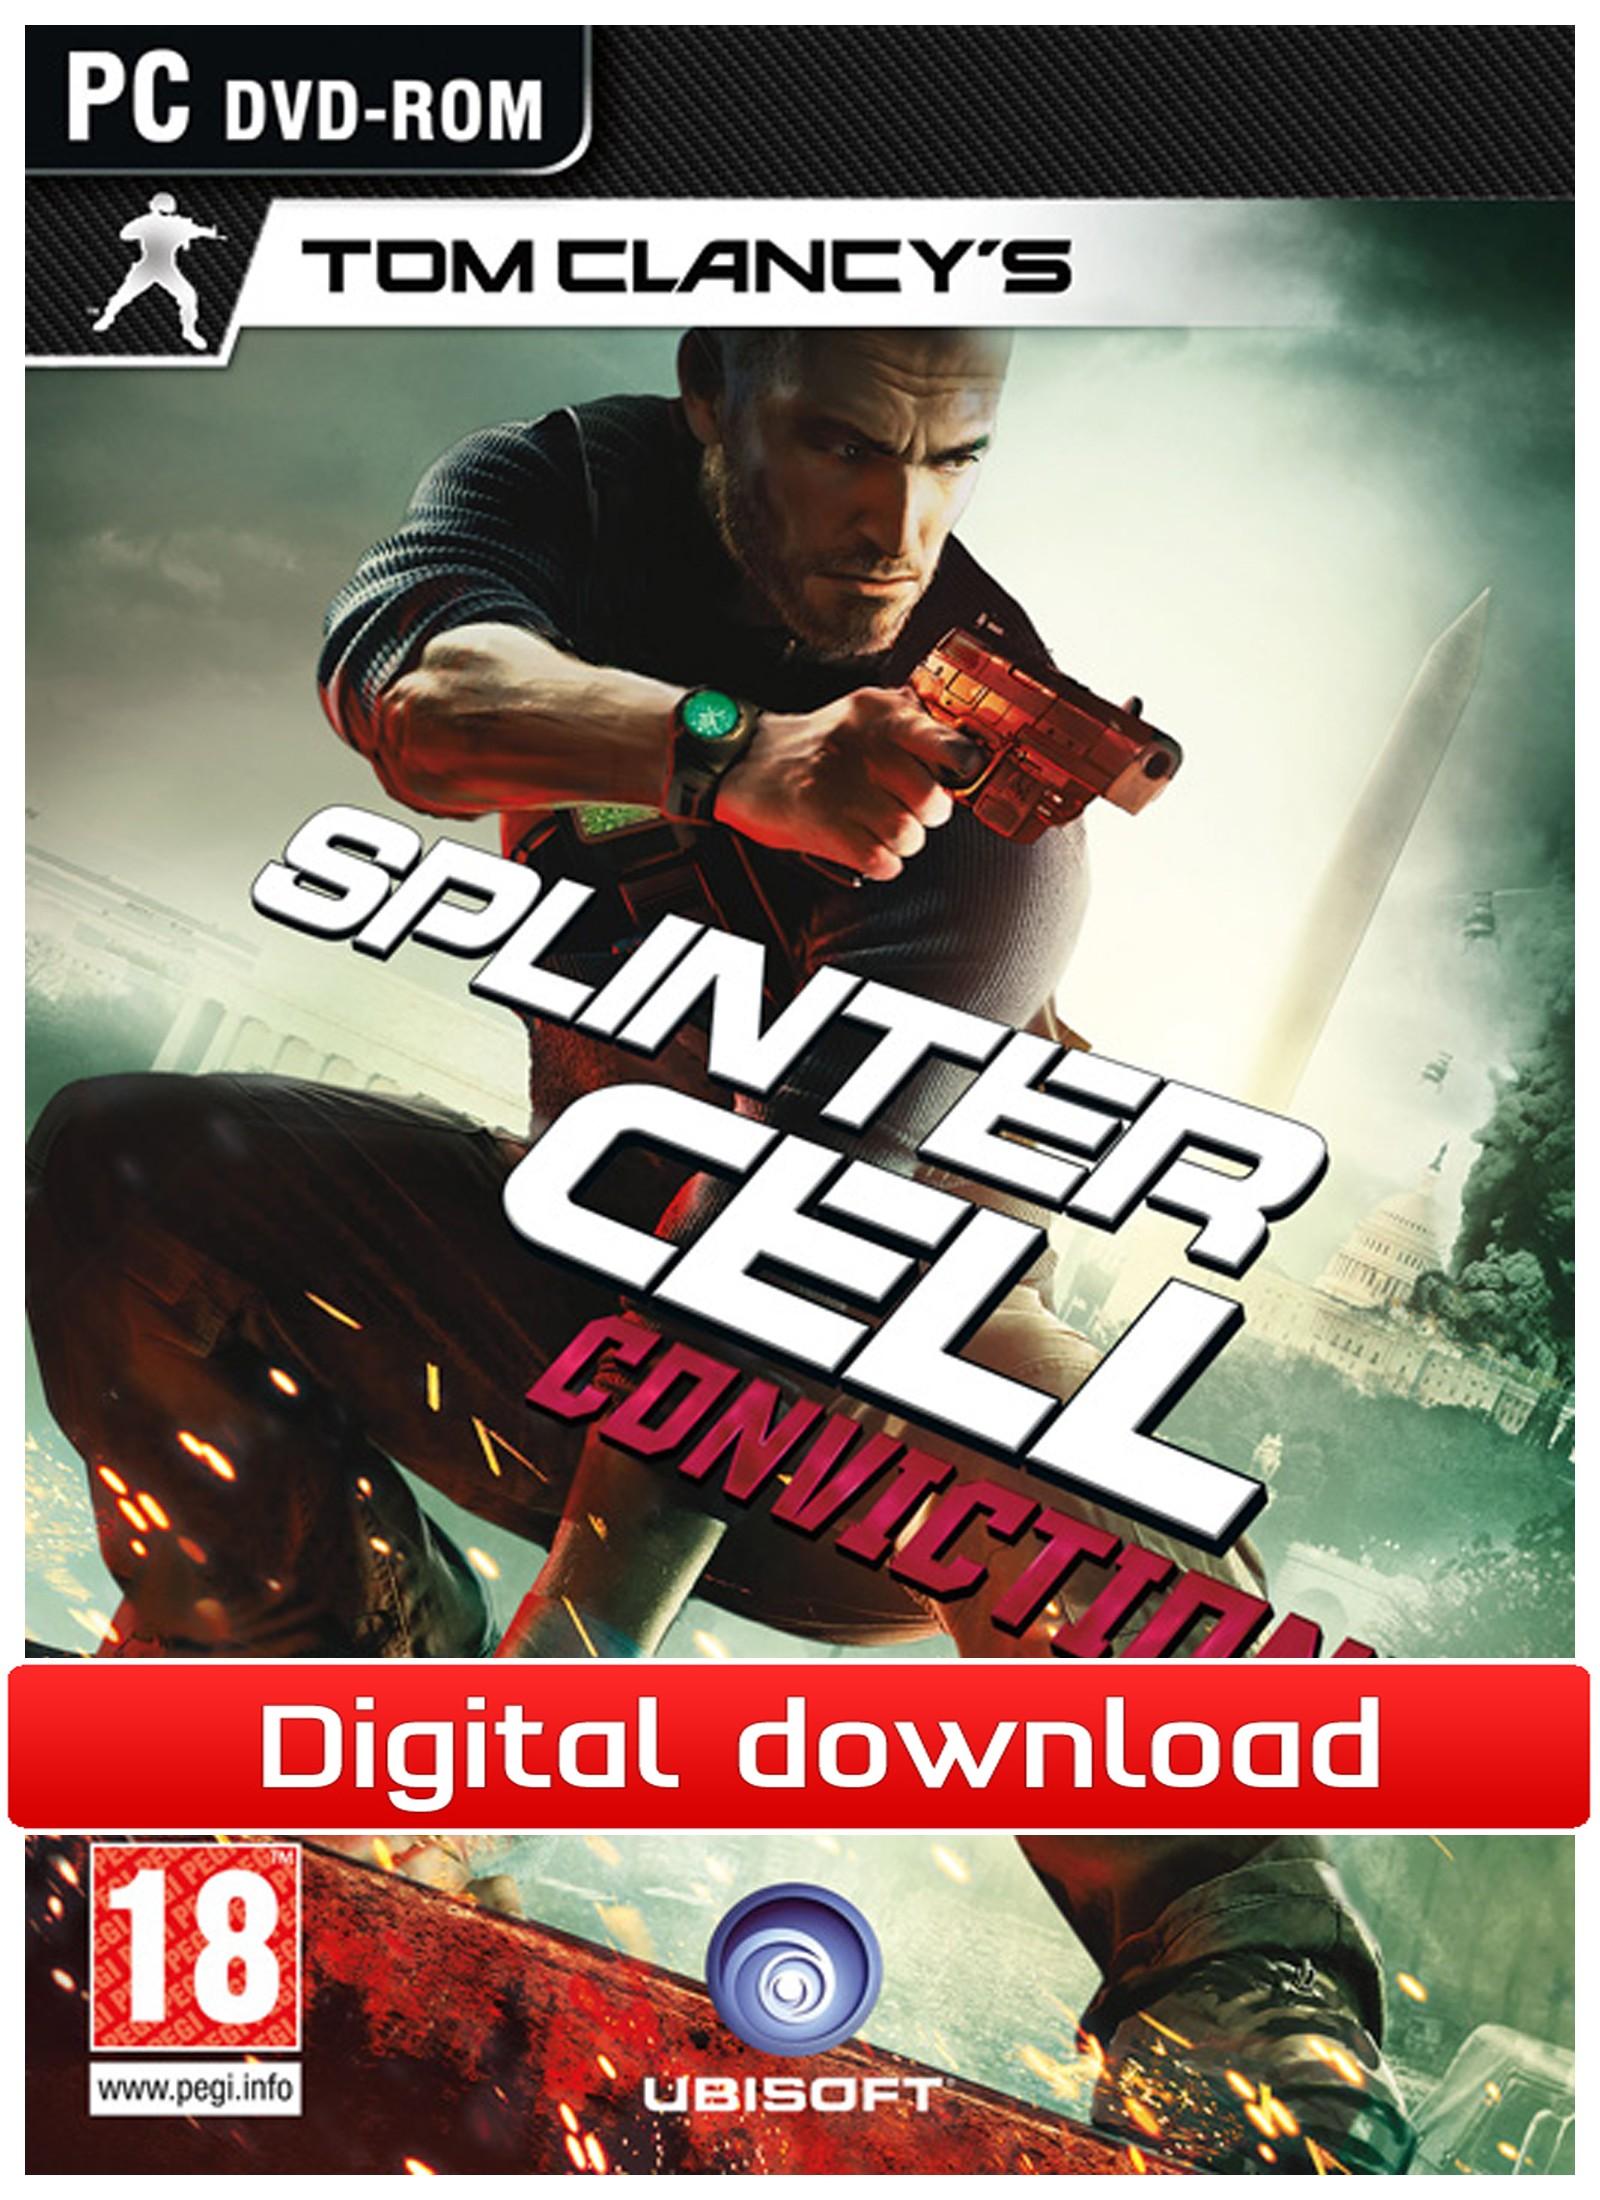 Splinter Cell: Conviction (PC nedlastning) PCDD22595